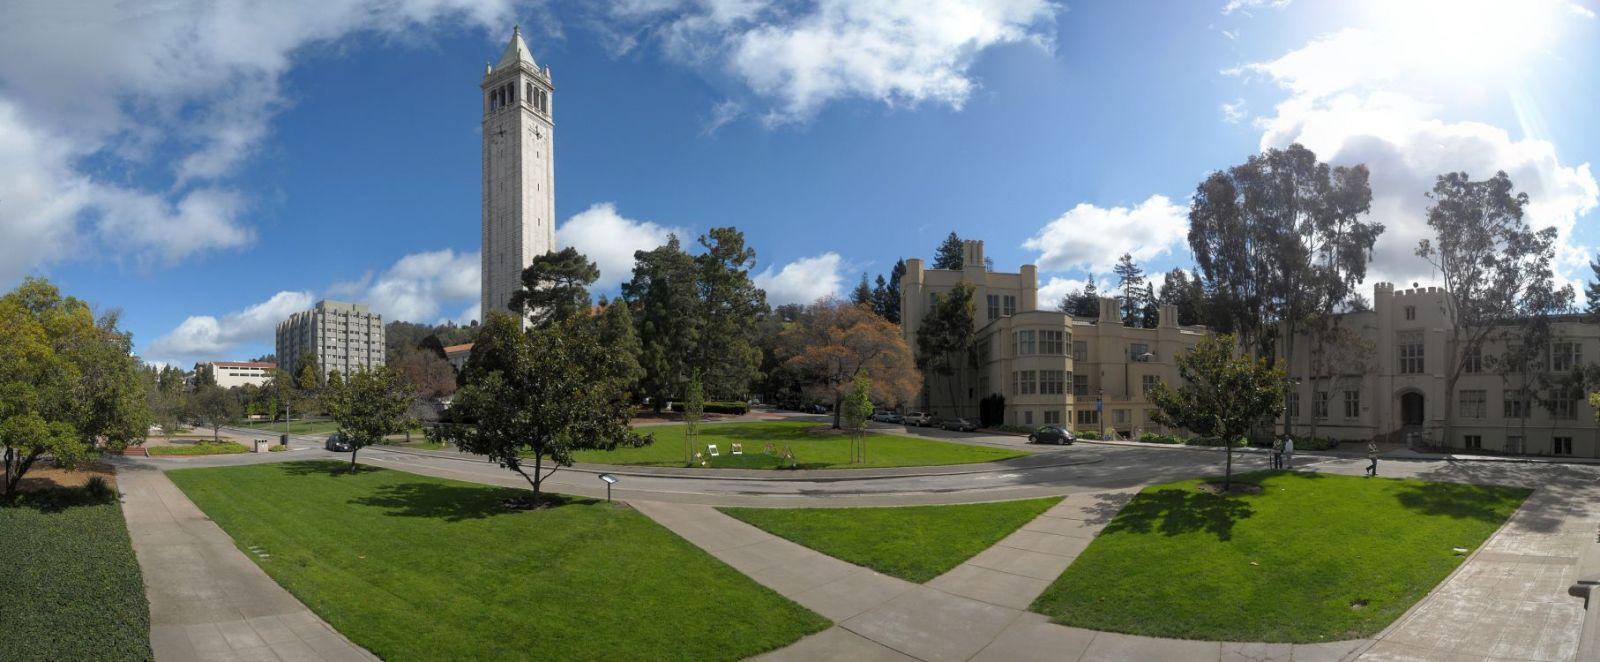 دانشگاه بركلی كالیفرنیا